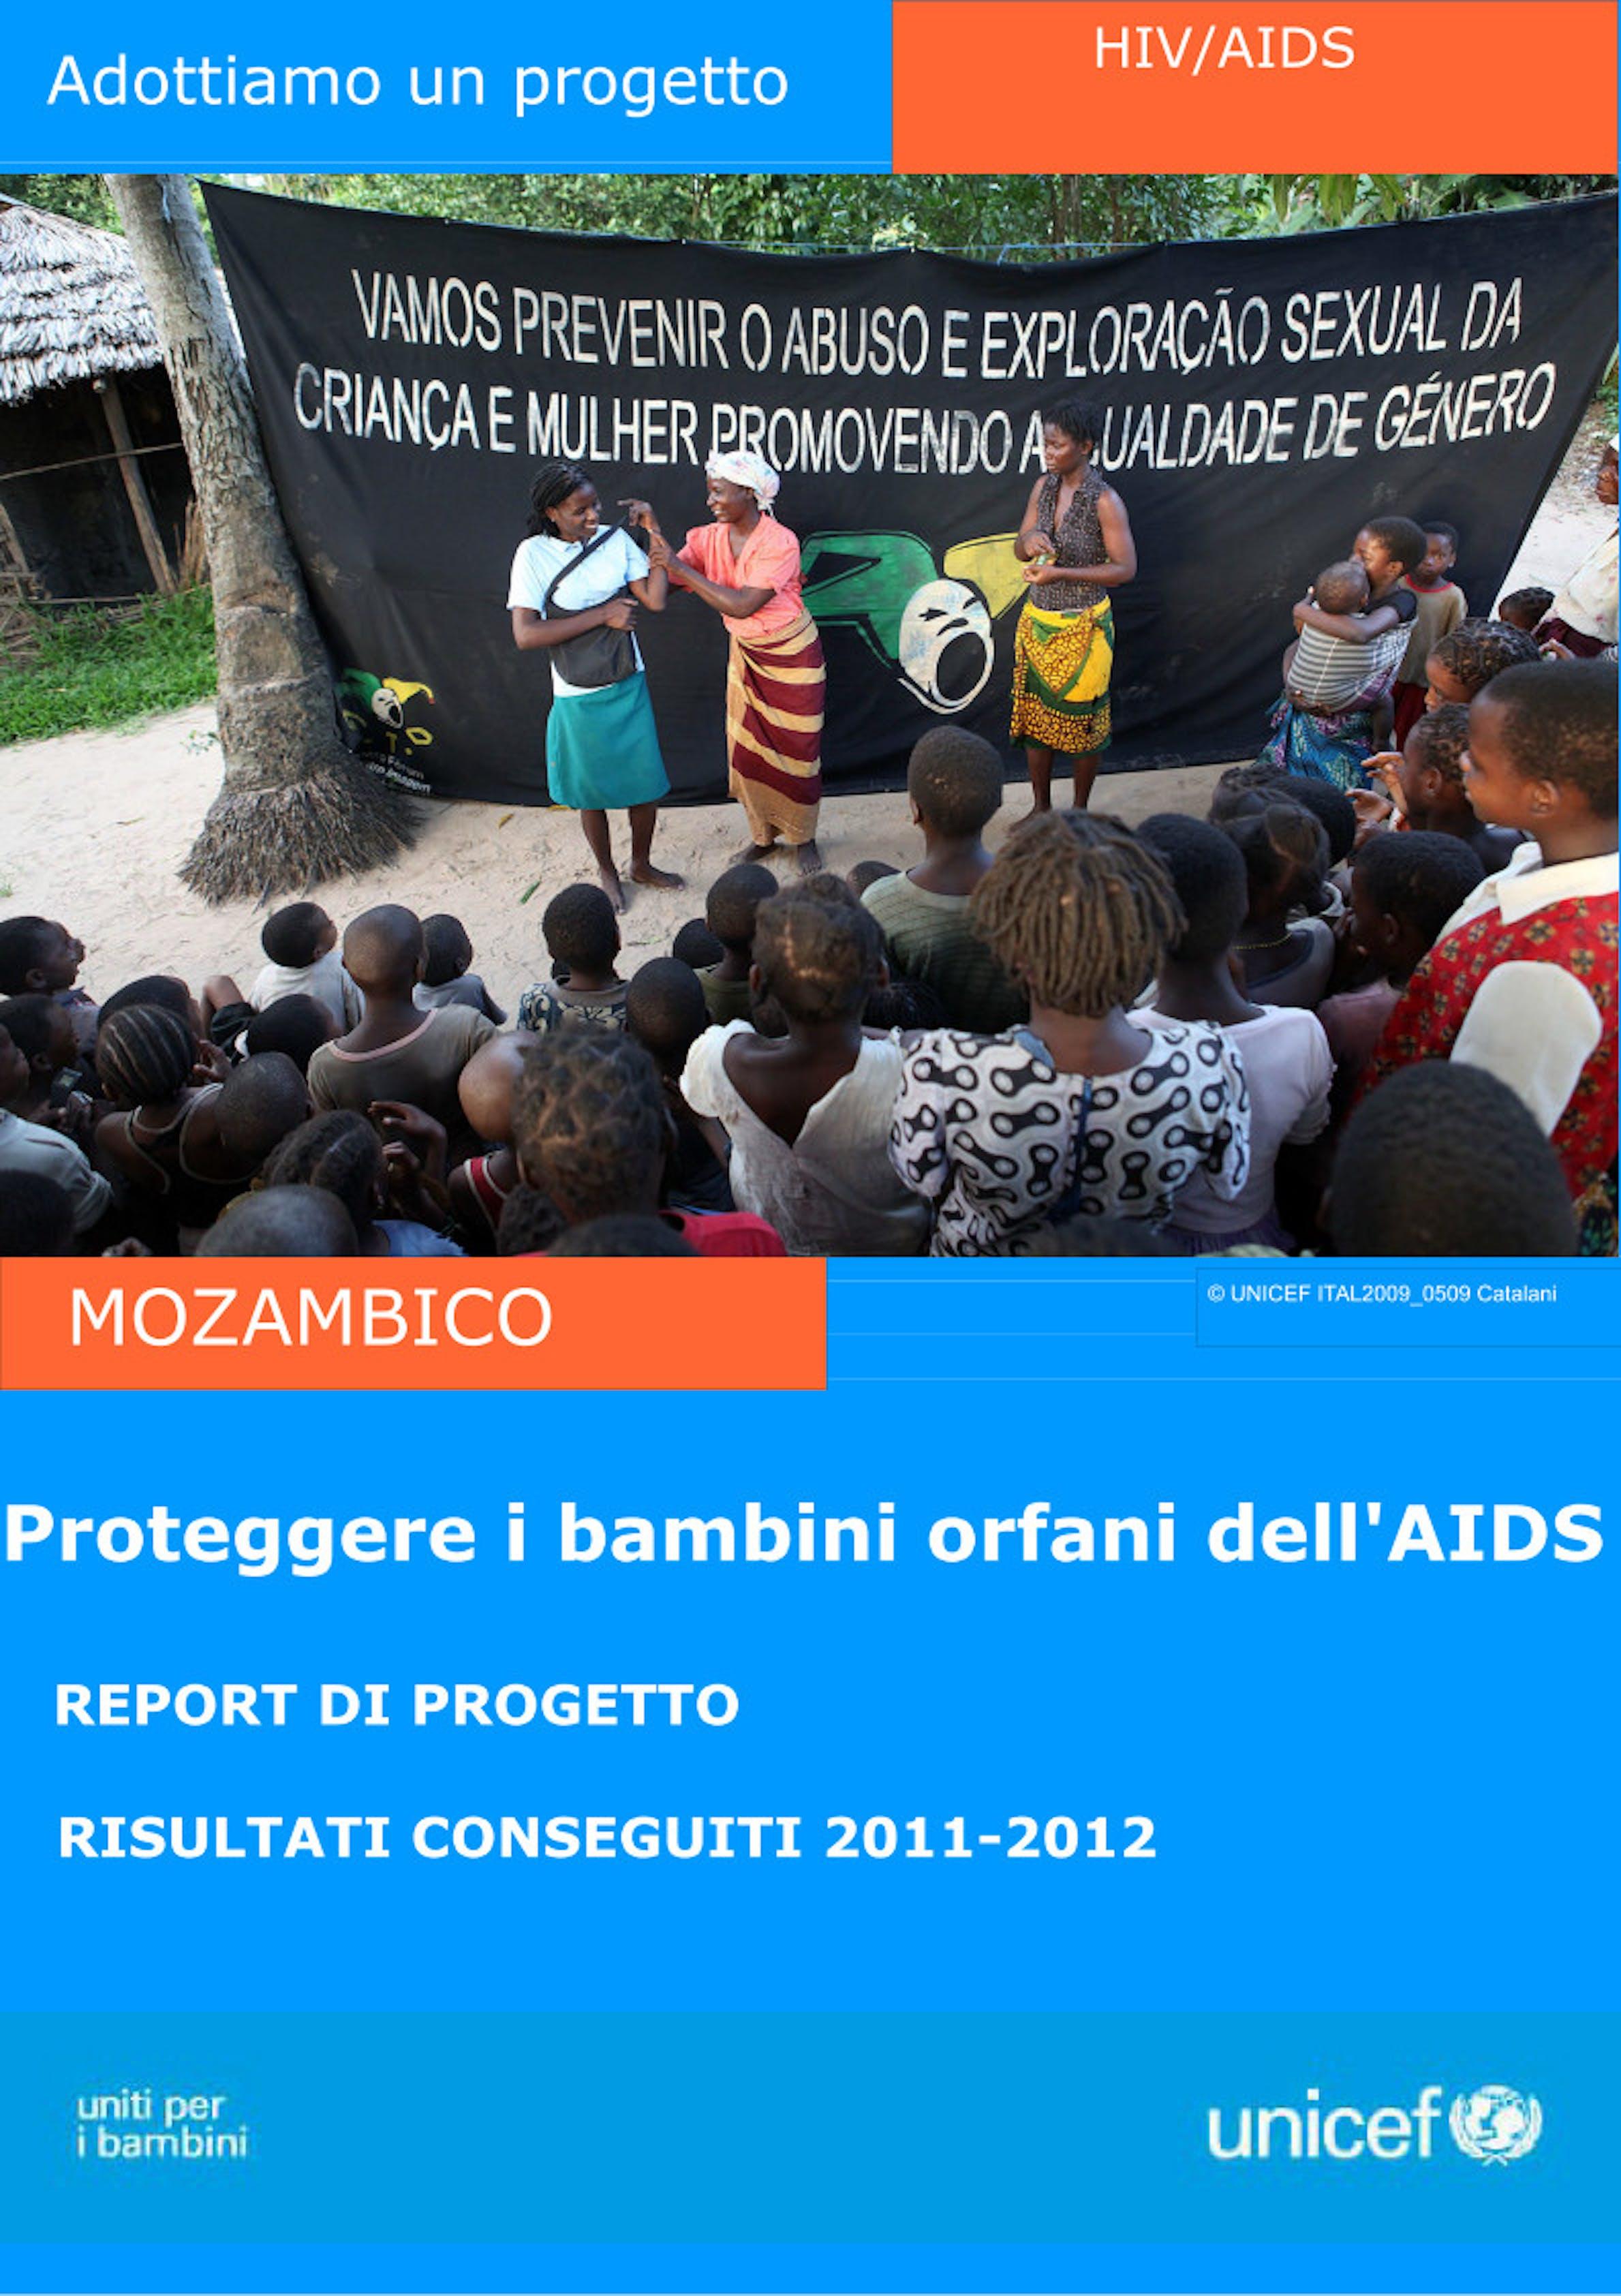 Report del progetto ''Proteggere i bambini orfani dell'AIDS'' in Mozambico